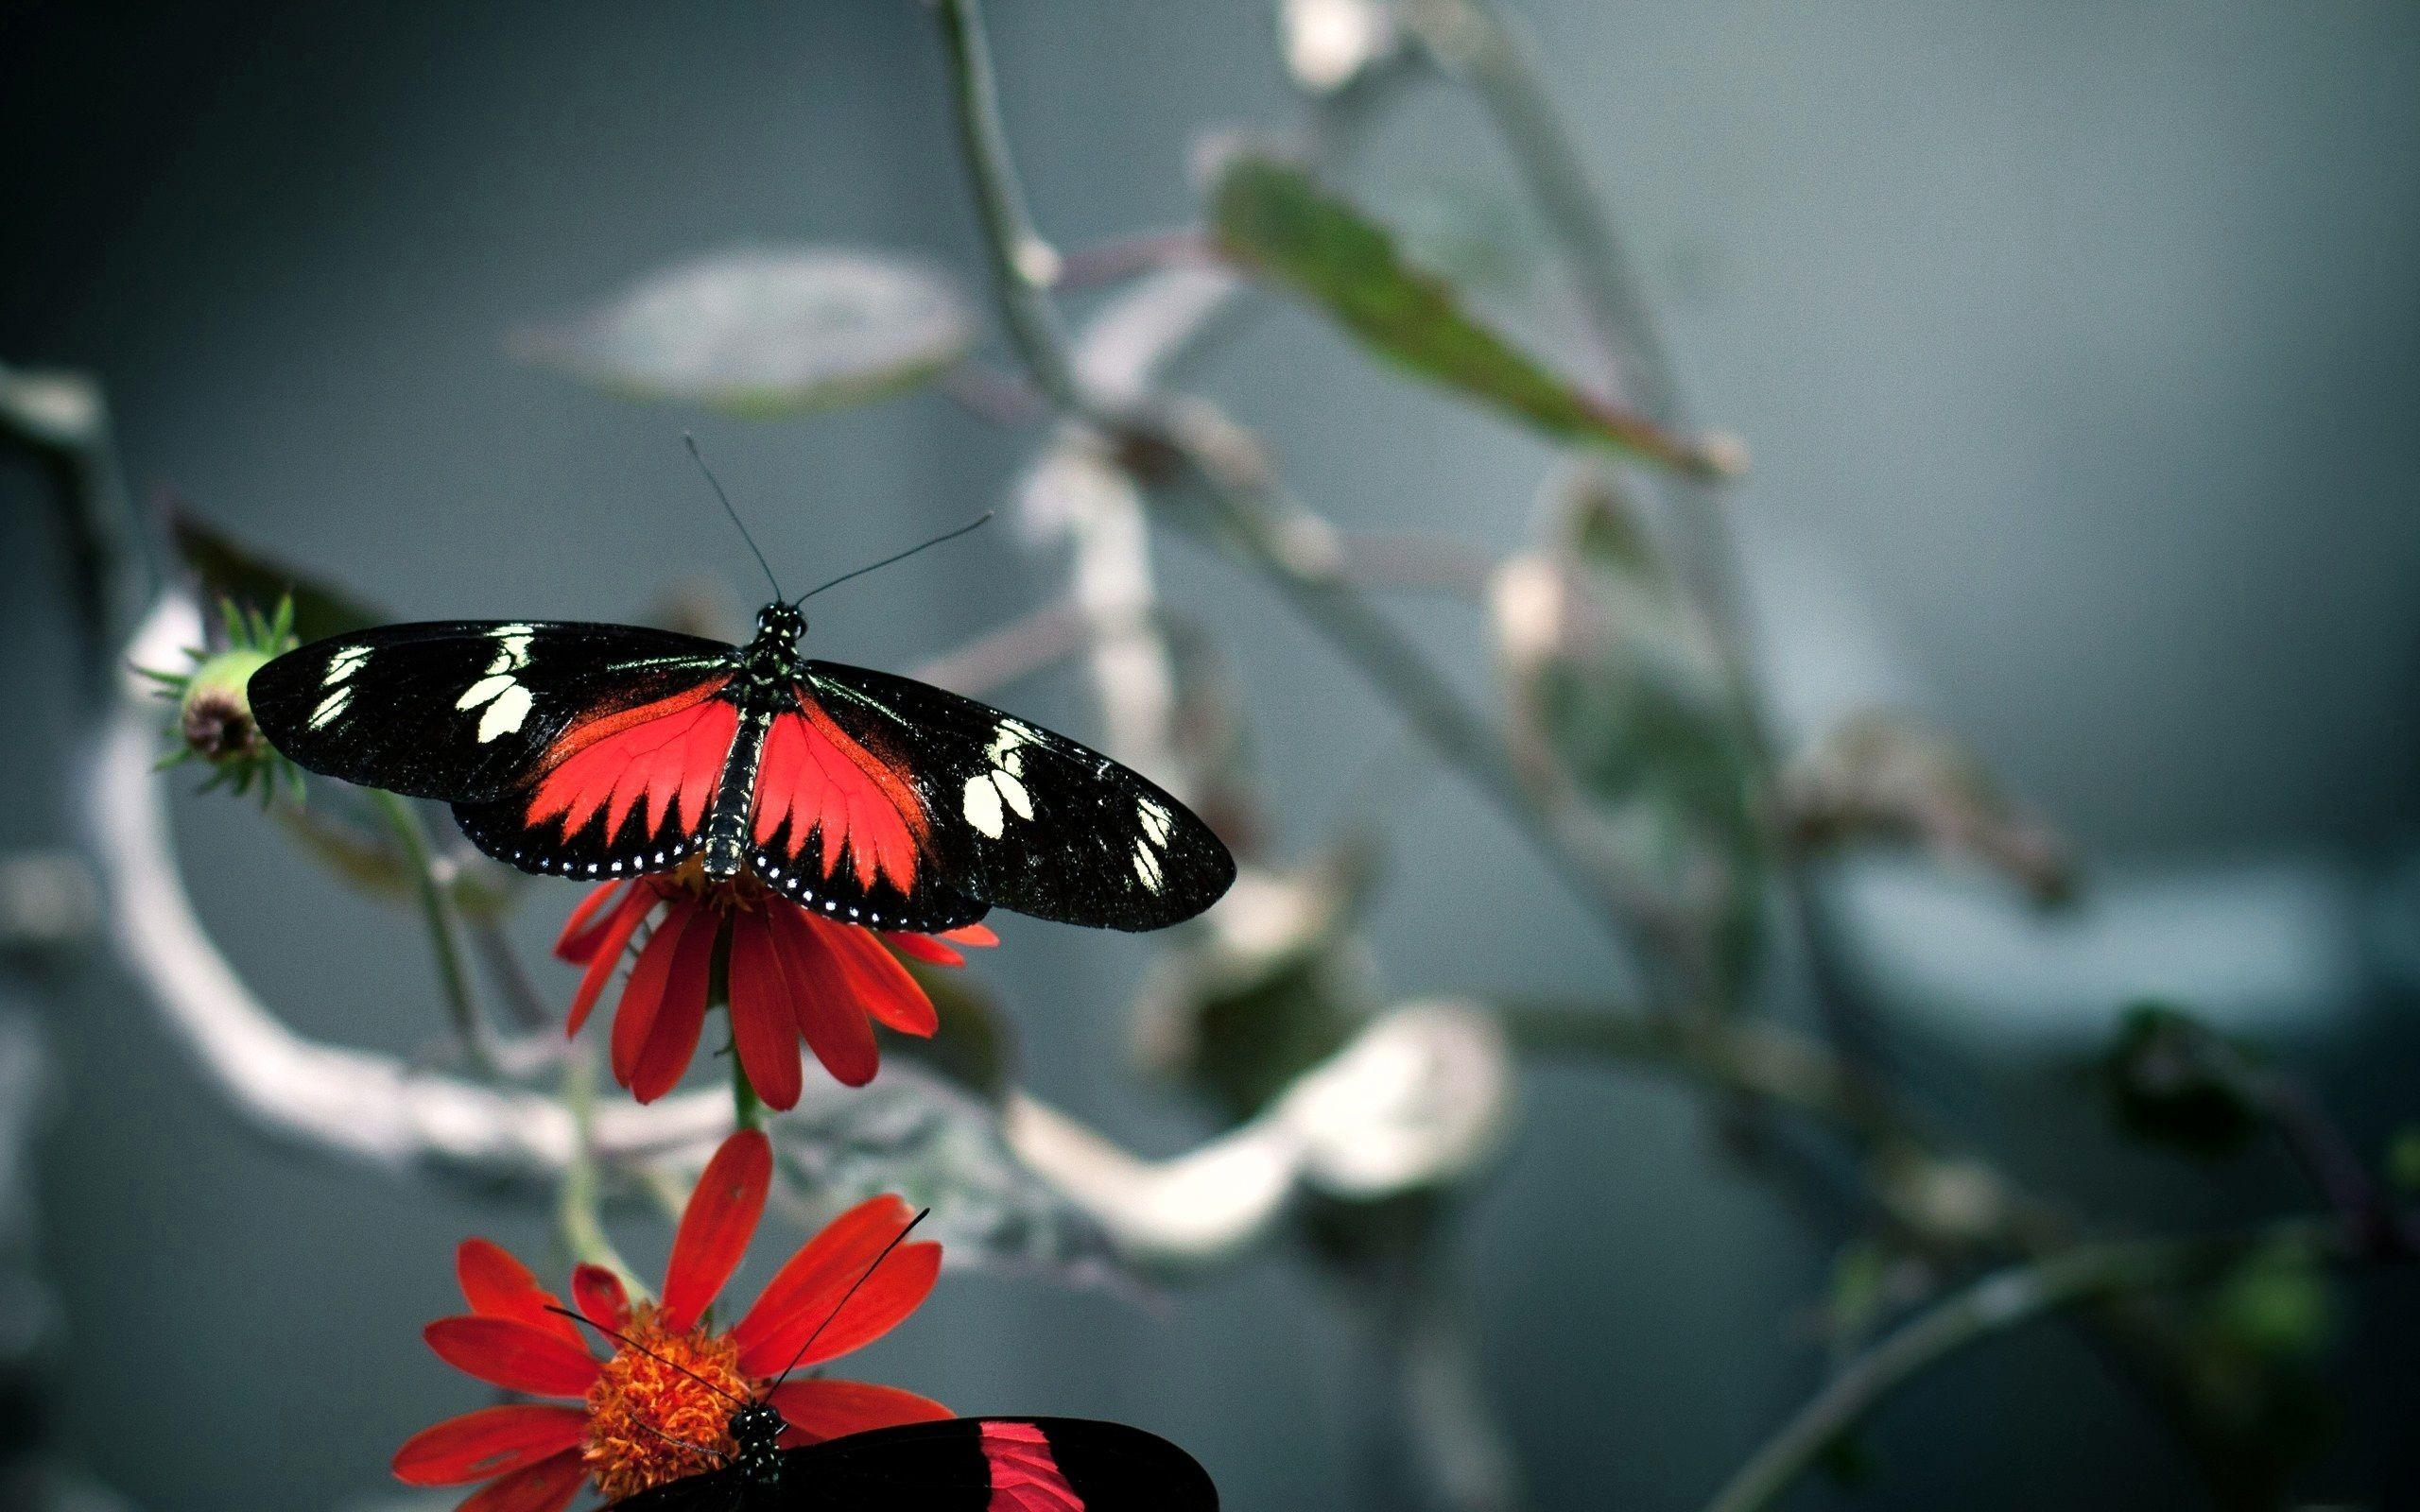 2560x1600 Butterfly Wallpaper HD